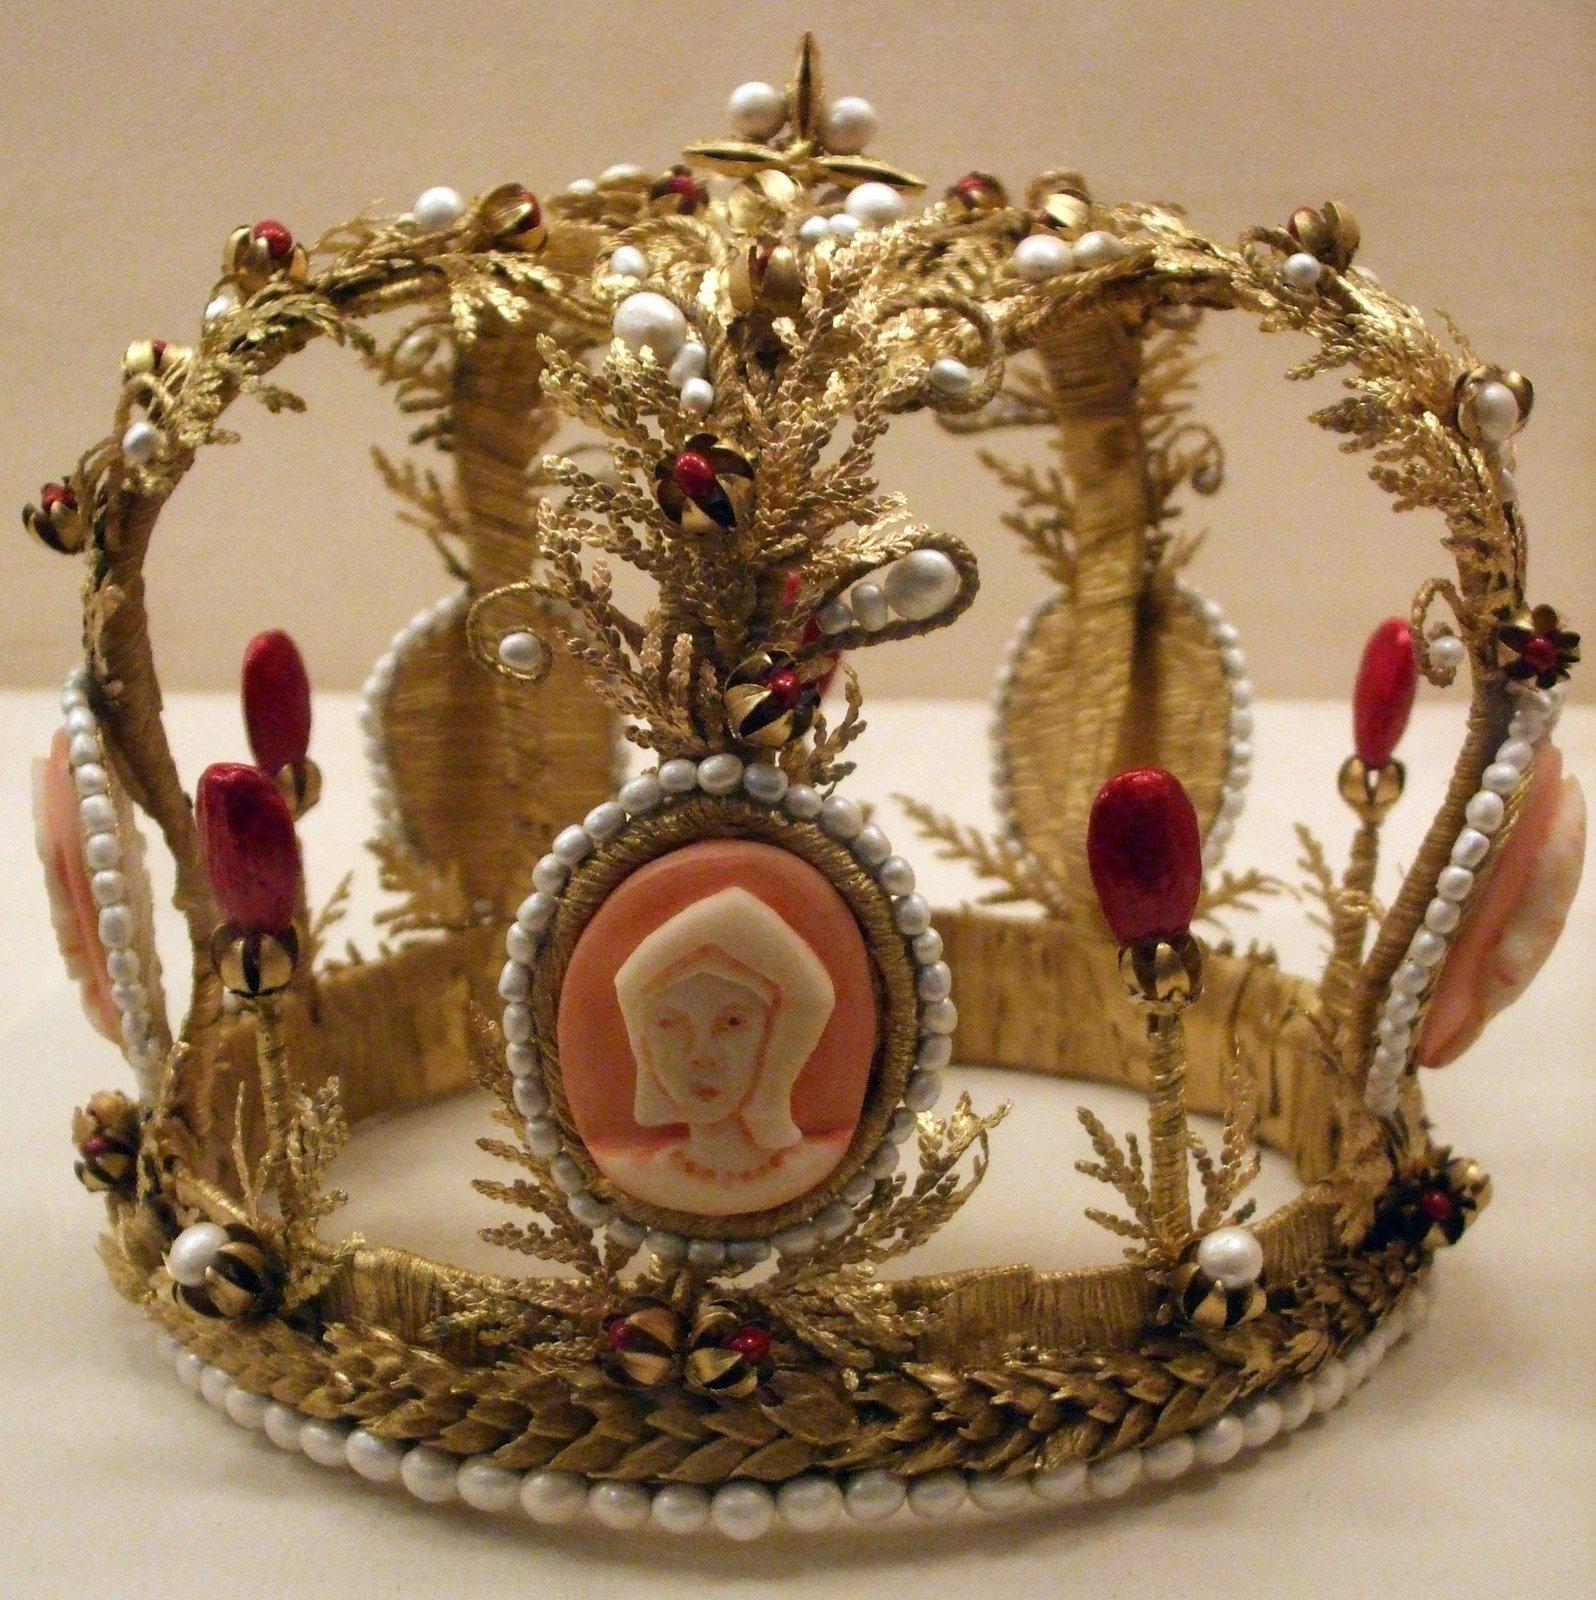 Rosemary S Sampler The Crown Jewels Philadelphia Flower